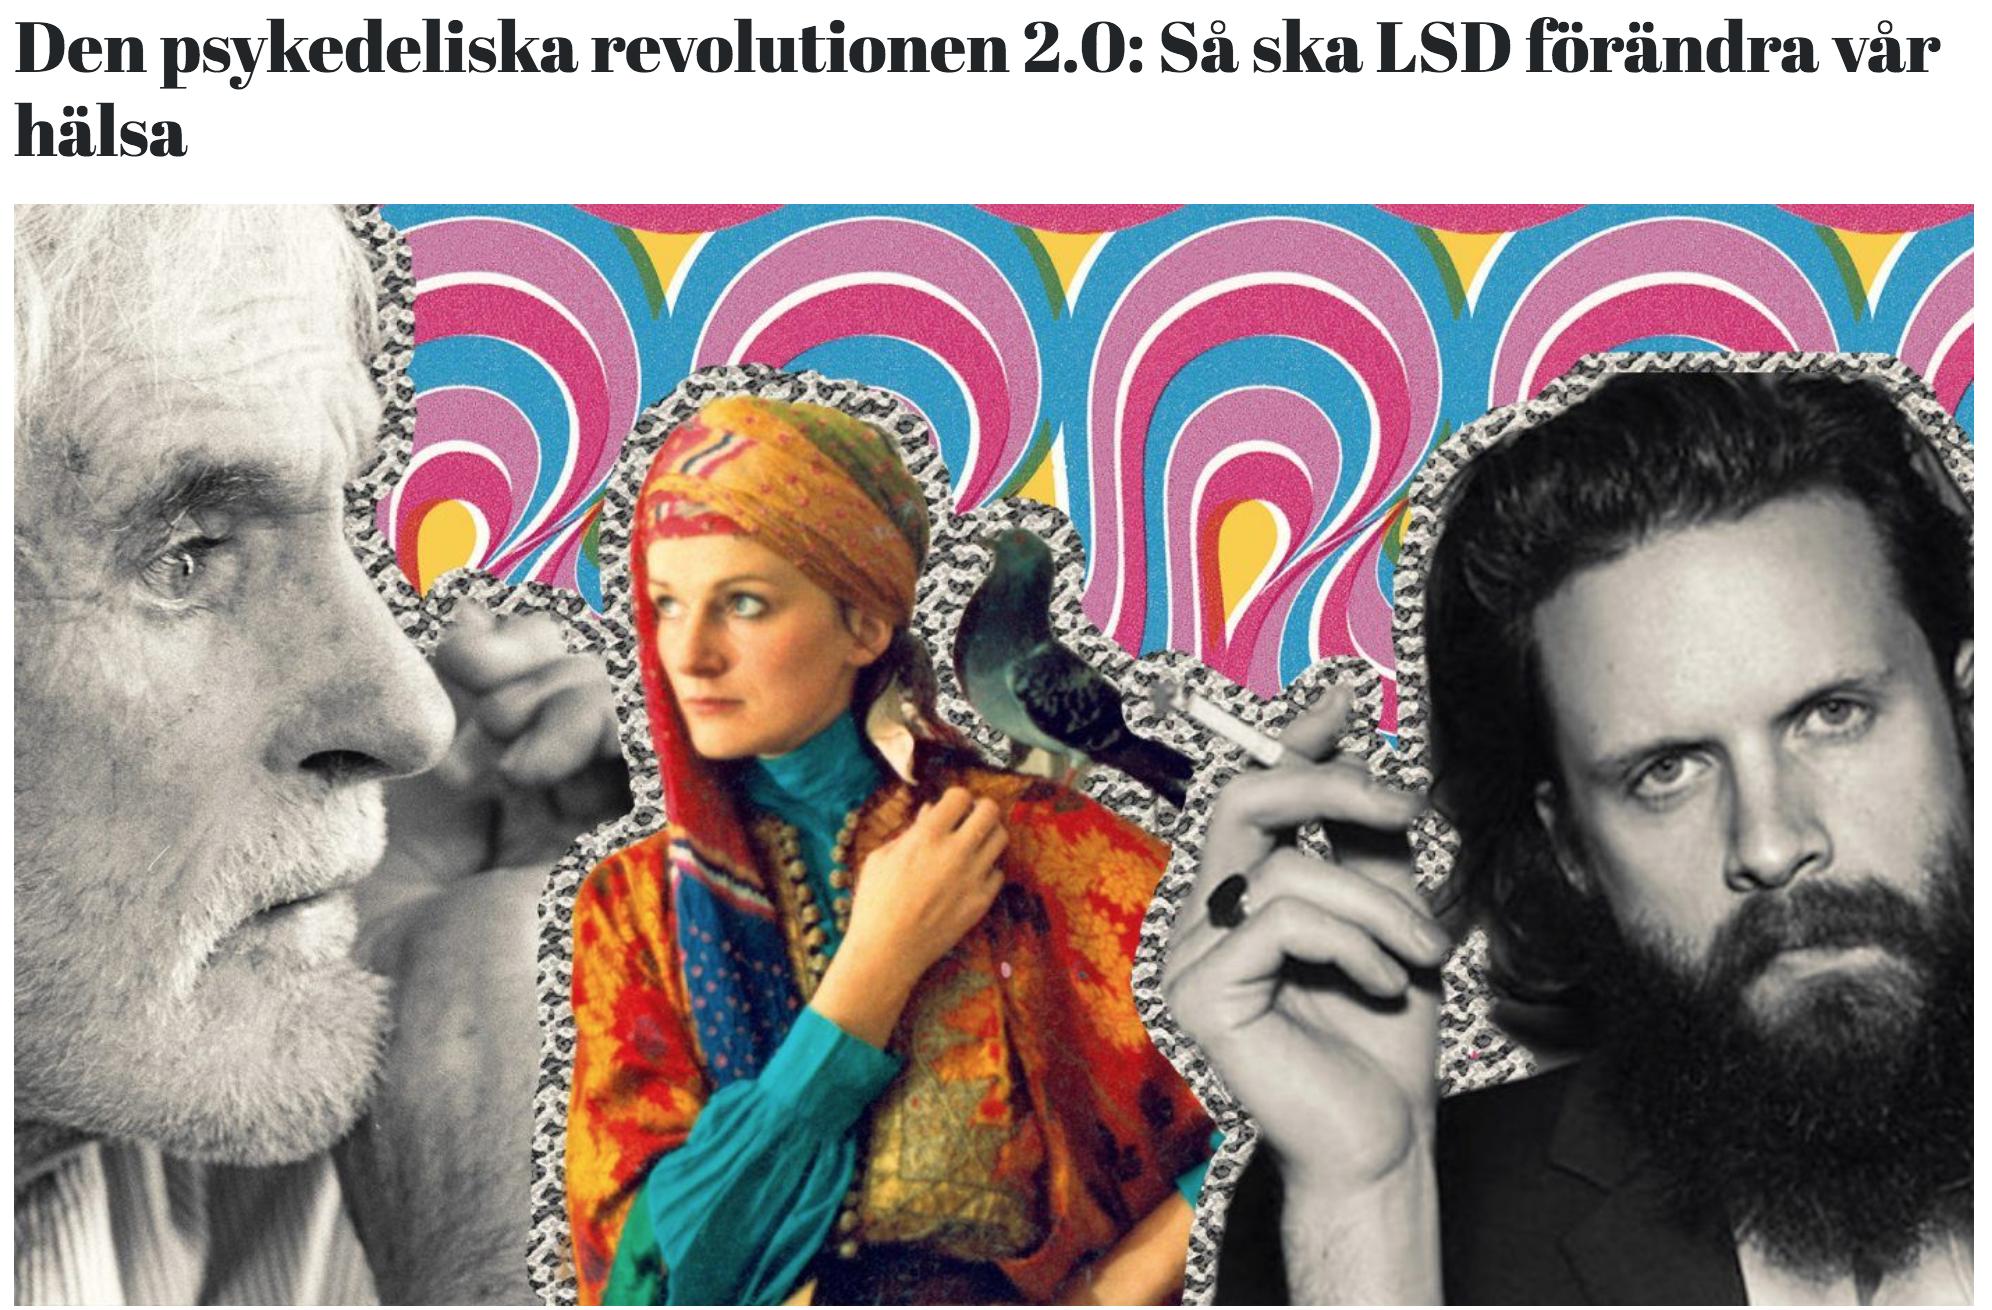 den-psykedeliska-revolutionen-2-0-sa-ska-lsd-ska-forandra-var-halsa:.png